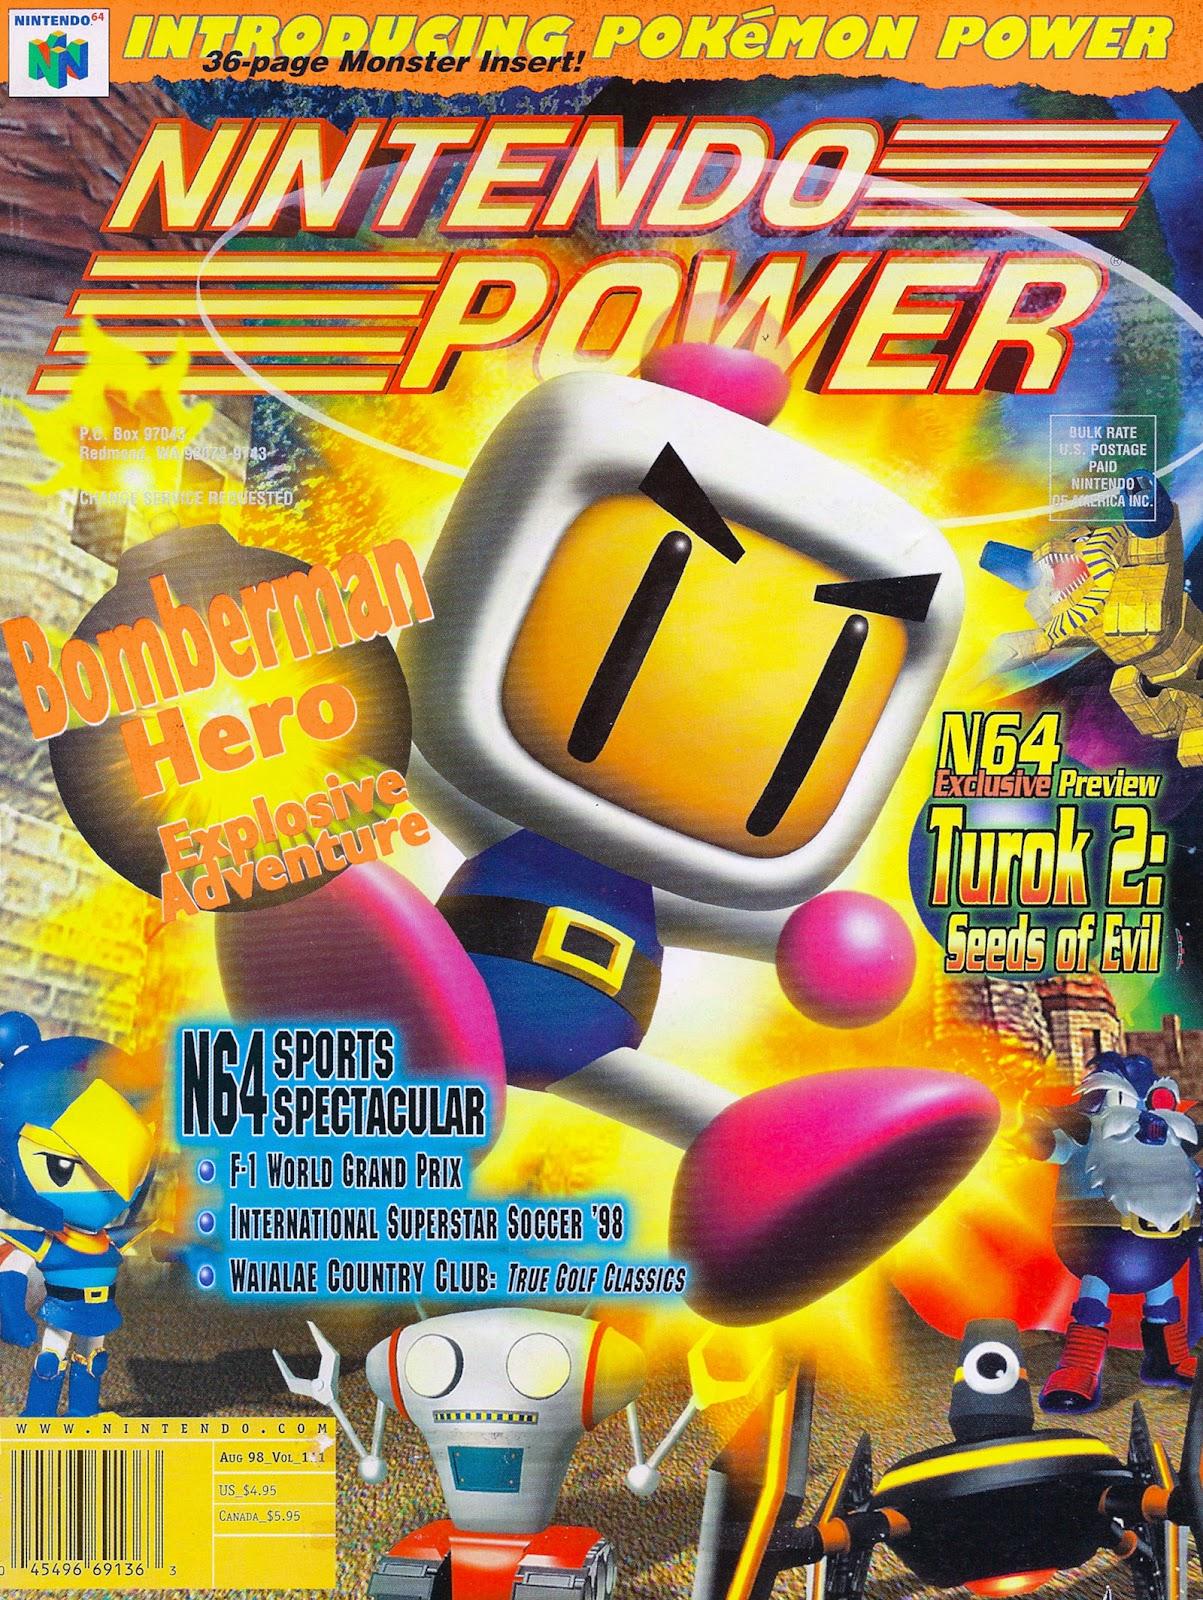 Nintendo Power 111 Page 1